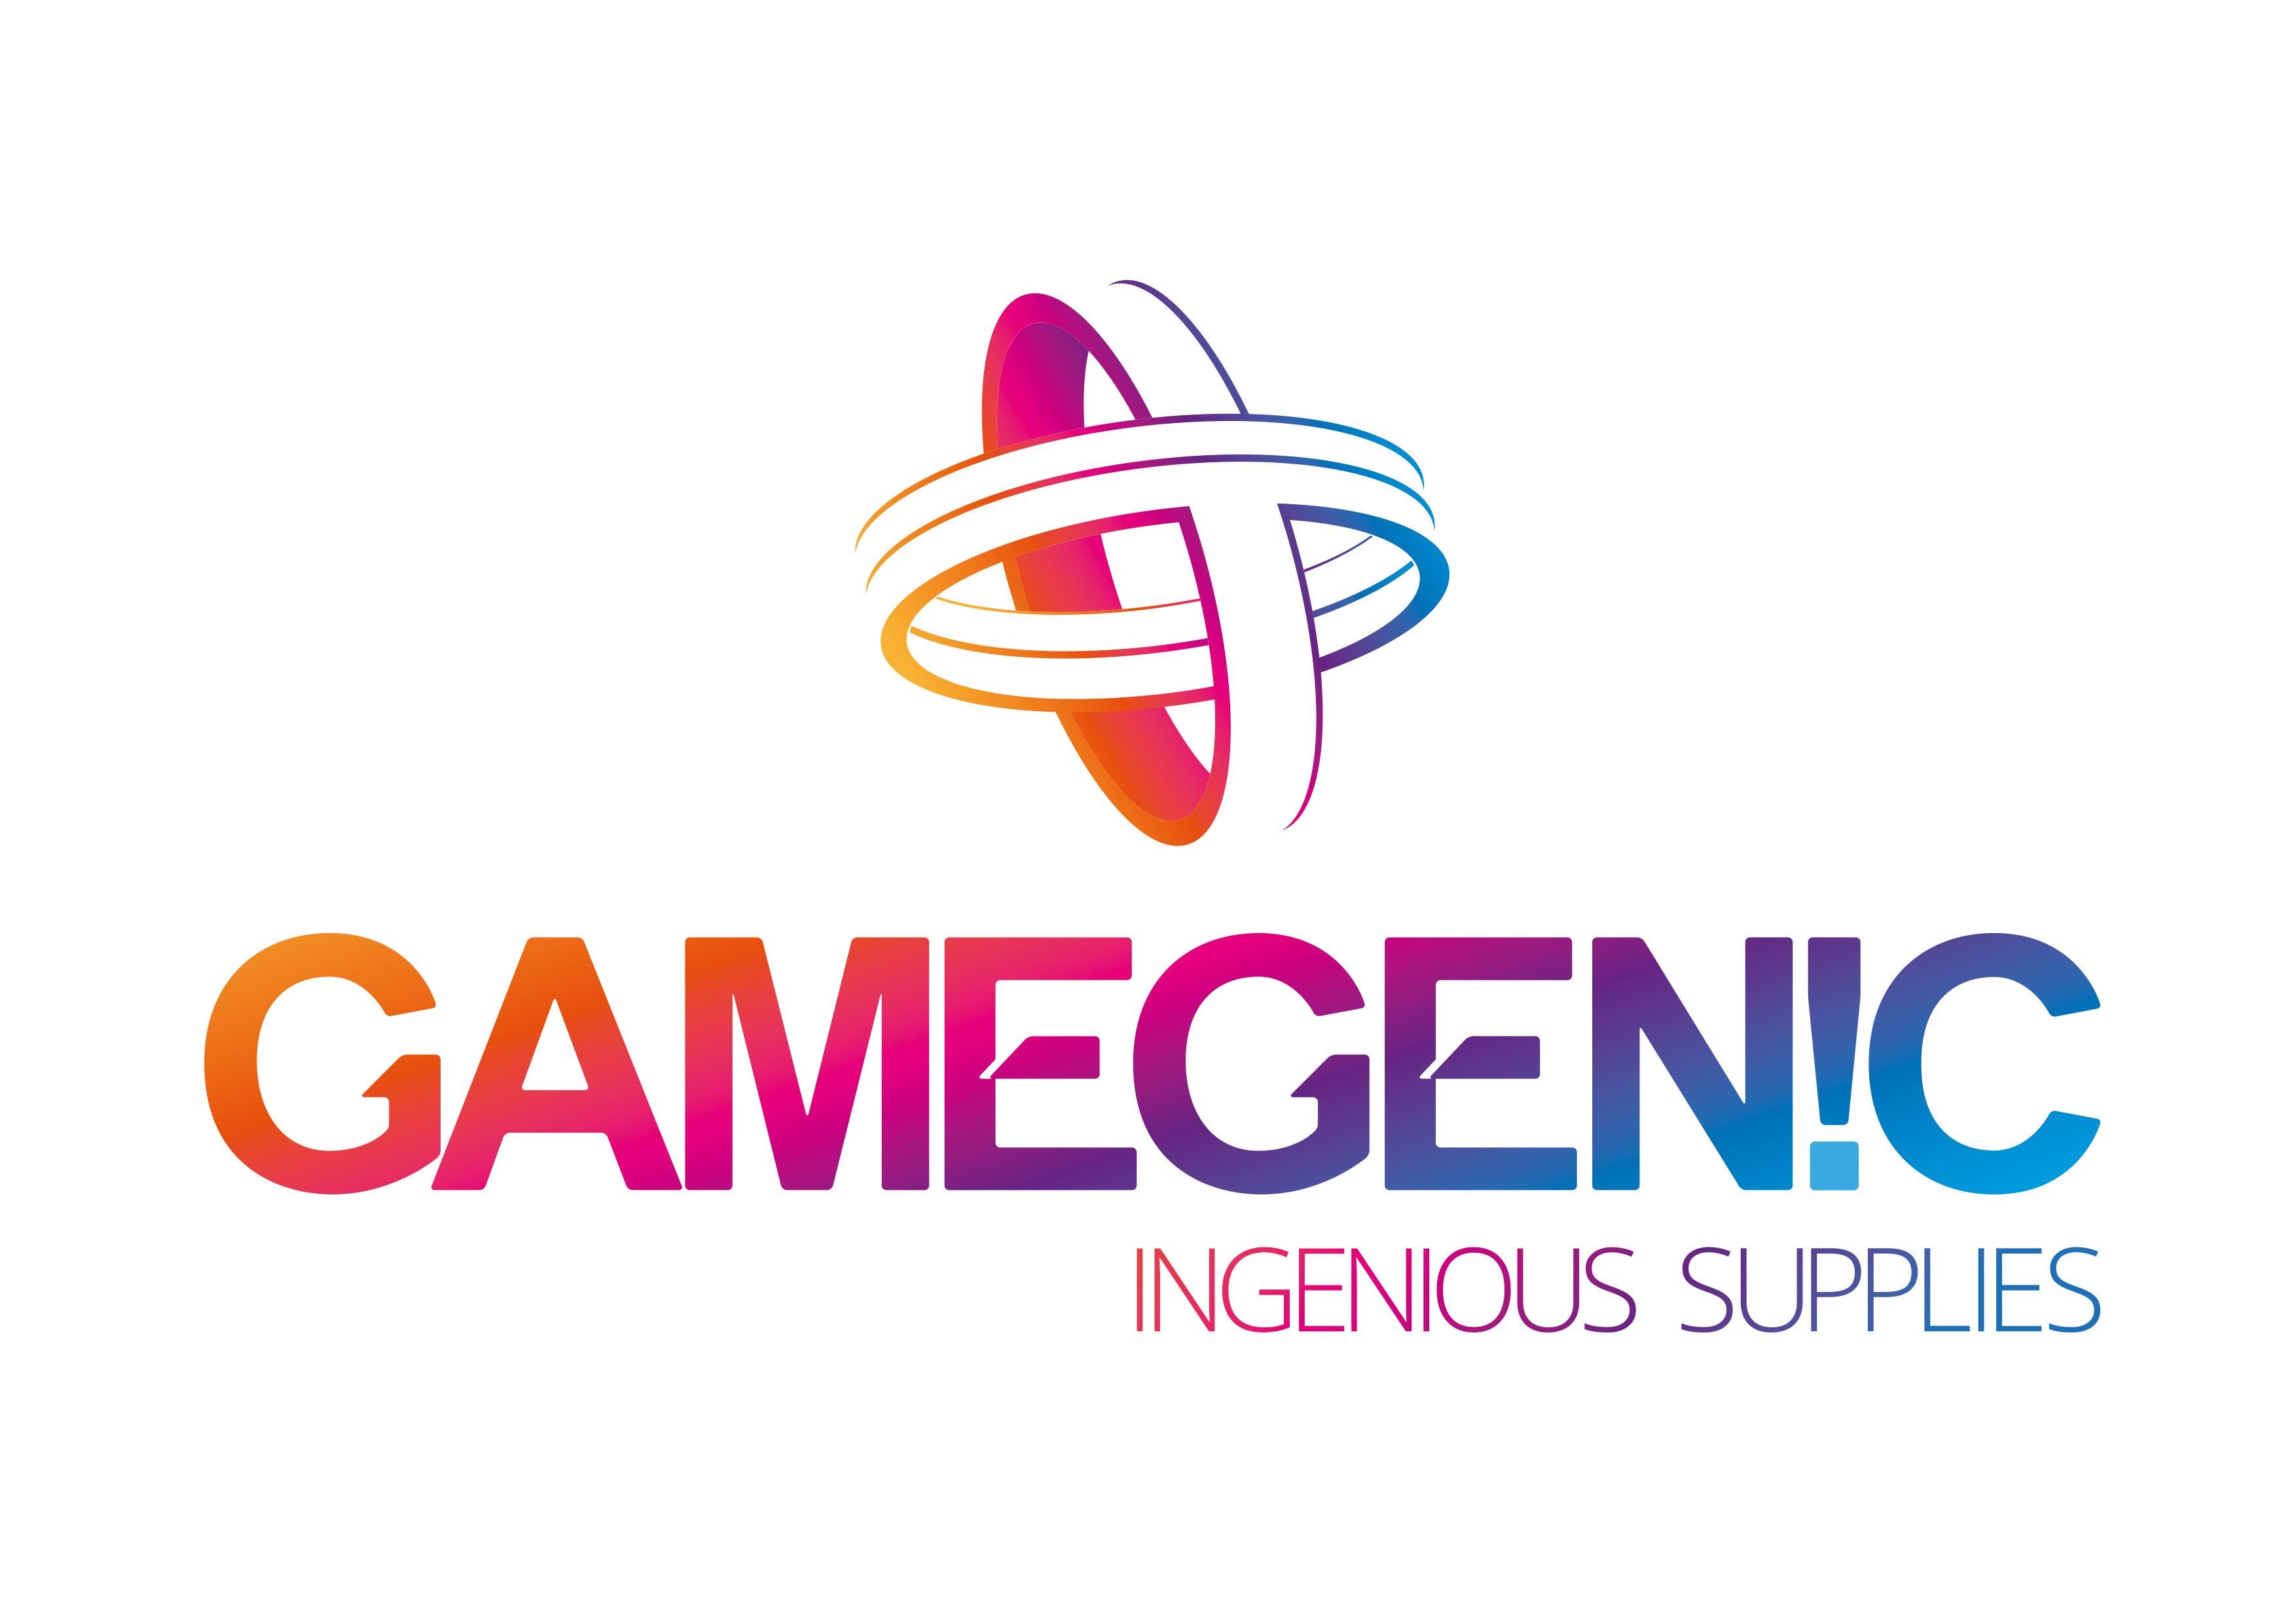 Gamegenic